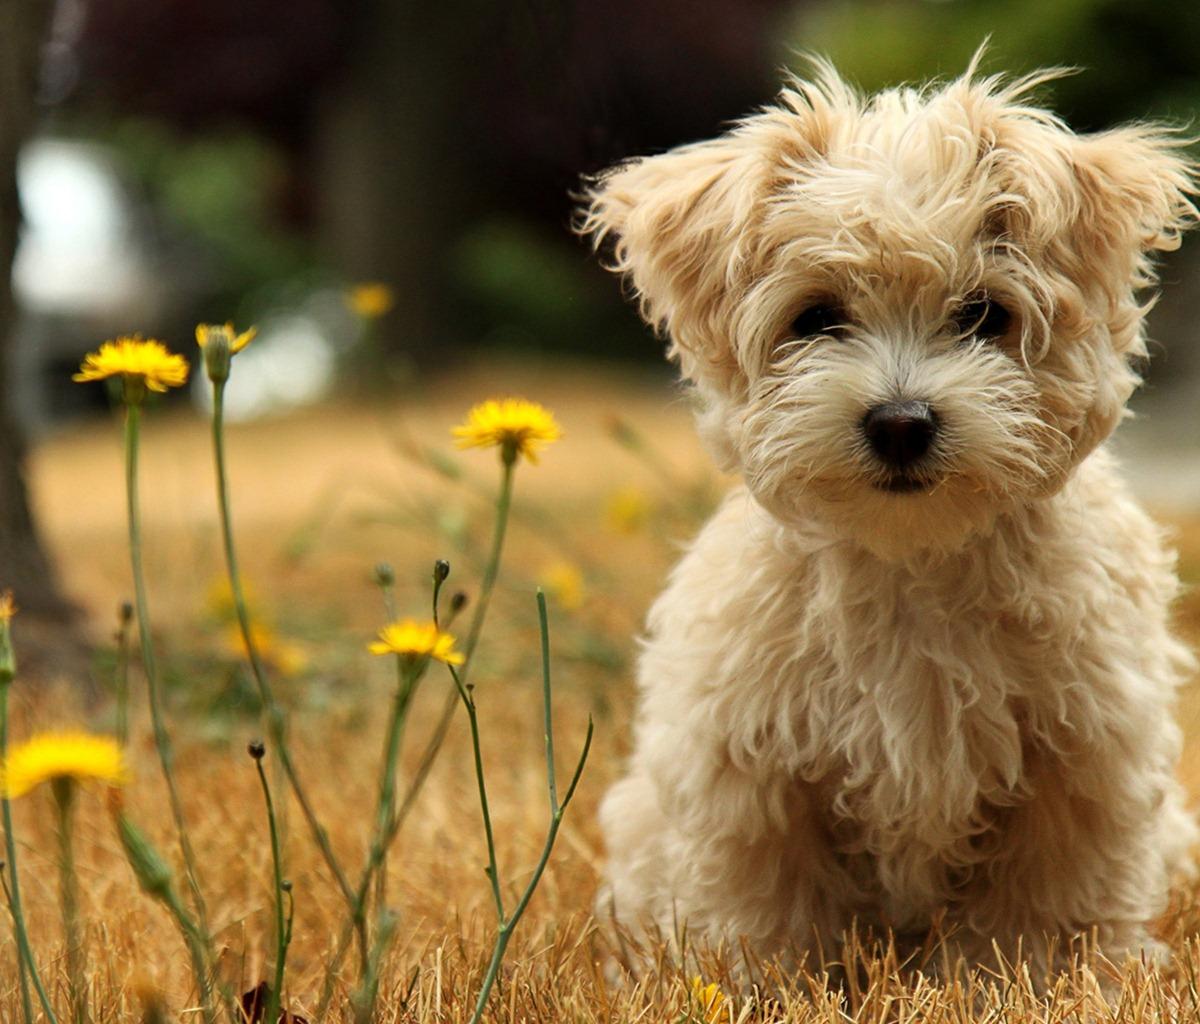 http://2.bp.blogspot.com/-_44wMlxJvRM/T8W8qdTAHQI/AAAAAAAAHKo/eSsbIWkOgYc/s1600/dog.jpg